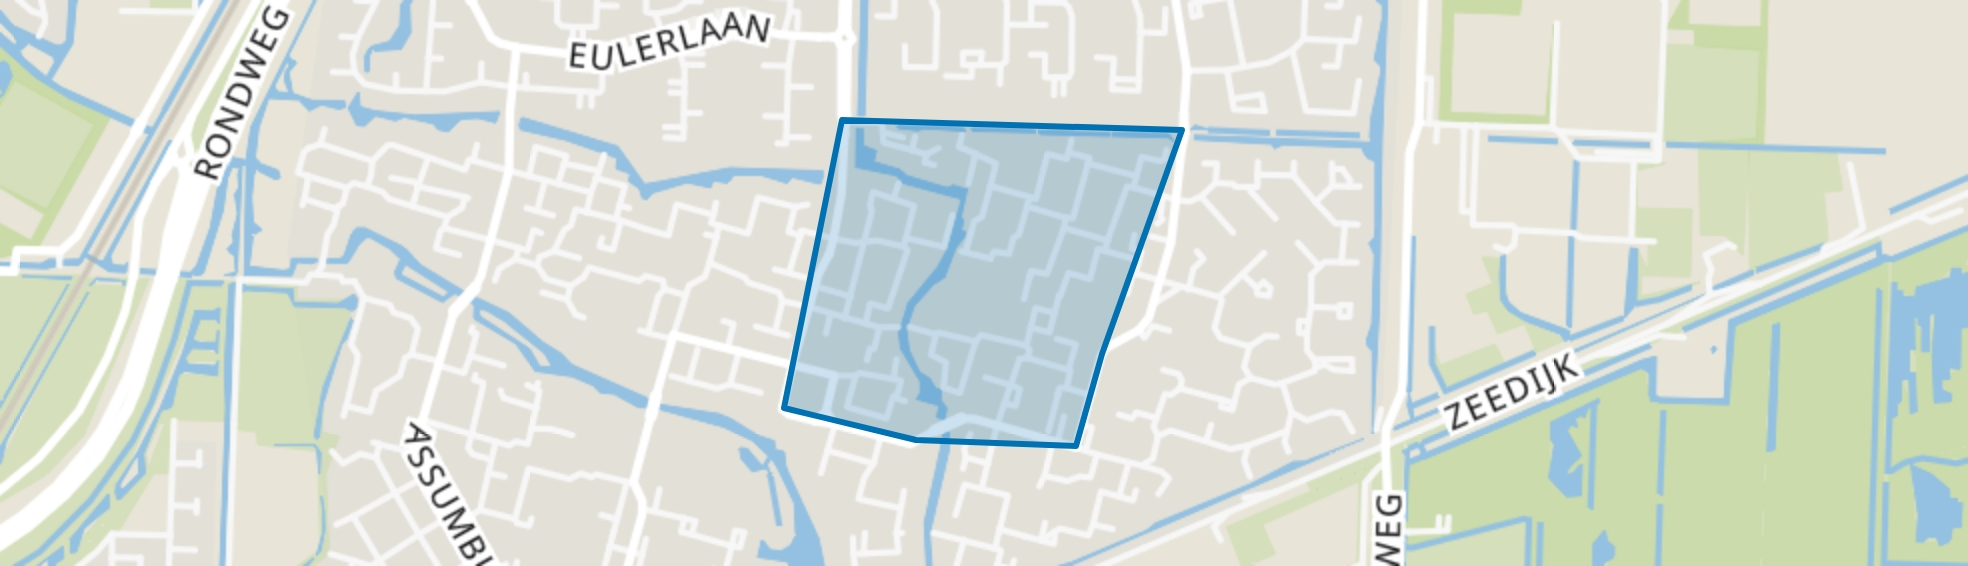 Zuilenburg en omgeving, Dordrecht map